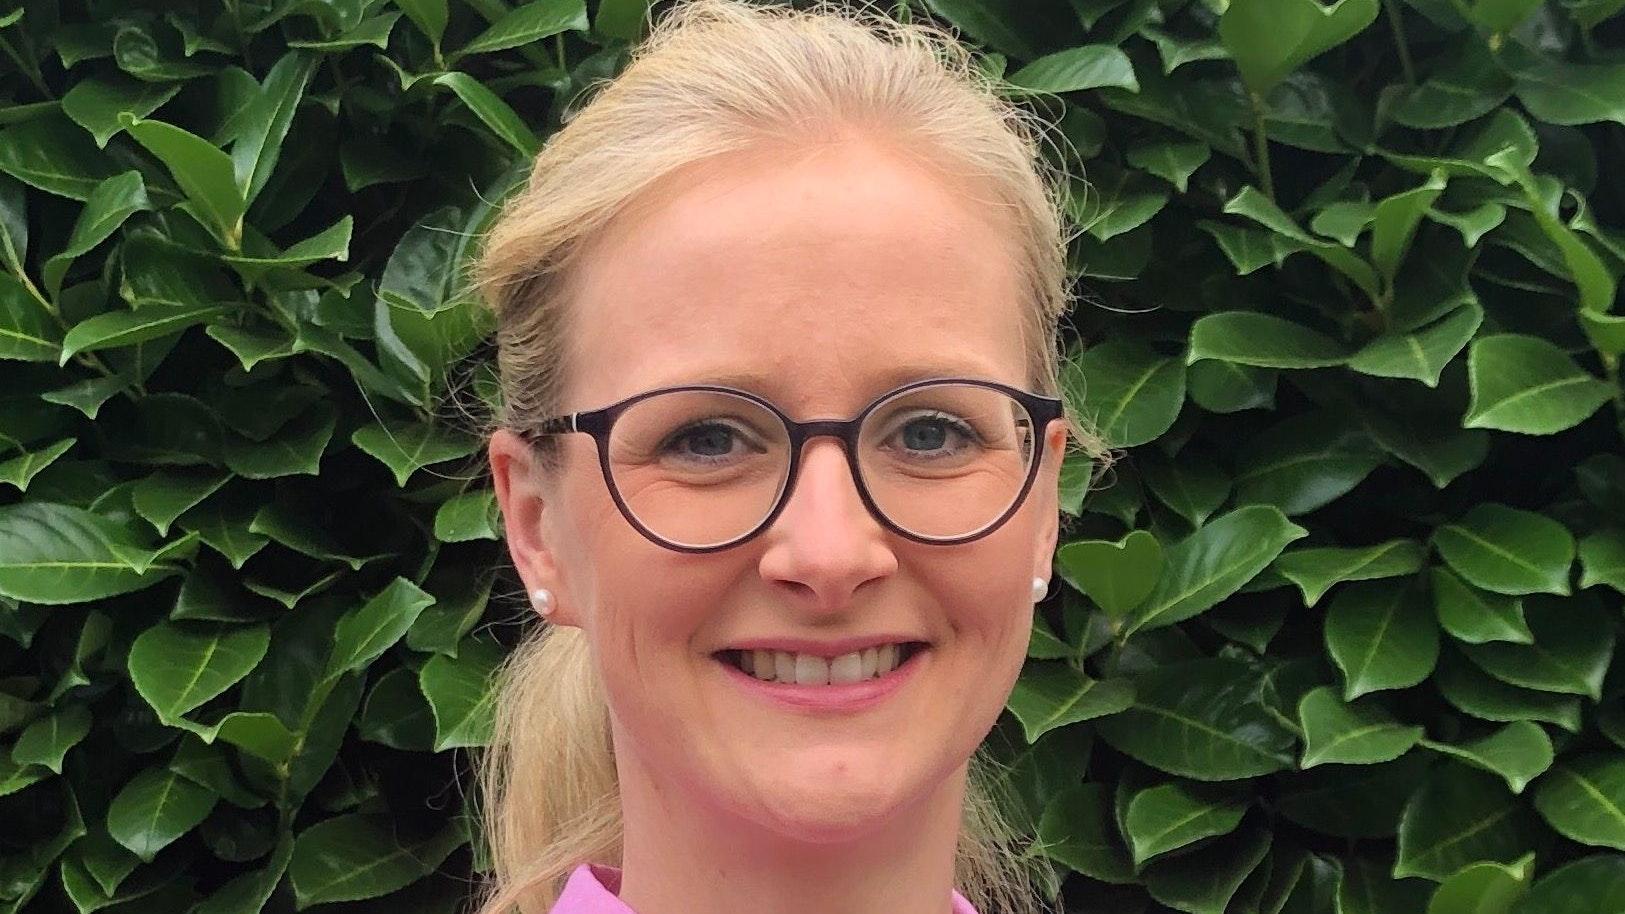 Henrike Voet lebt in Lohne. Sie ist 37 Jahre alt und Juristin. Foto: privat